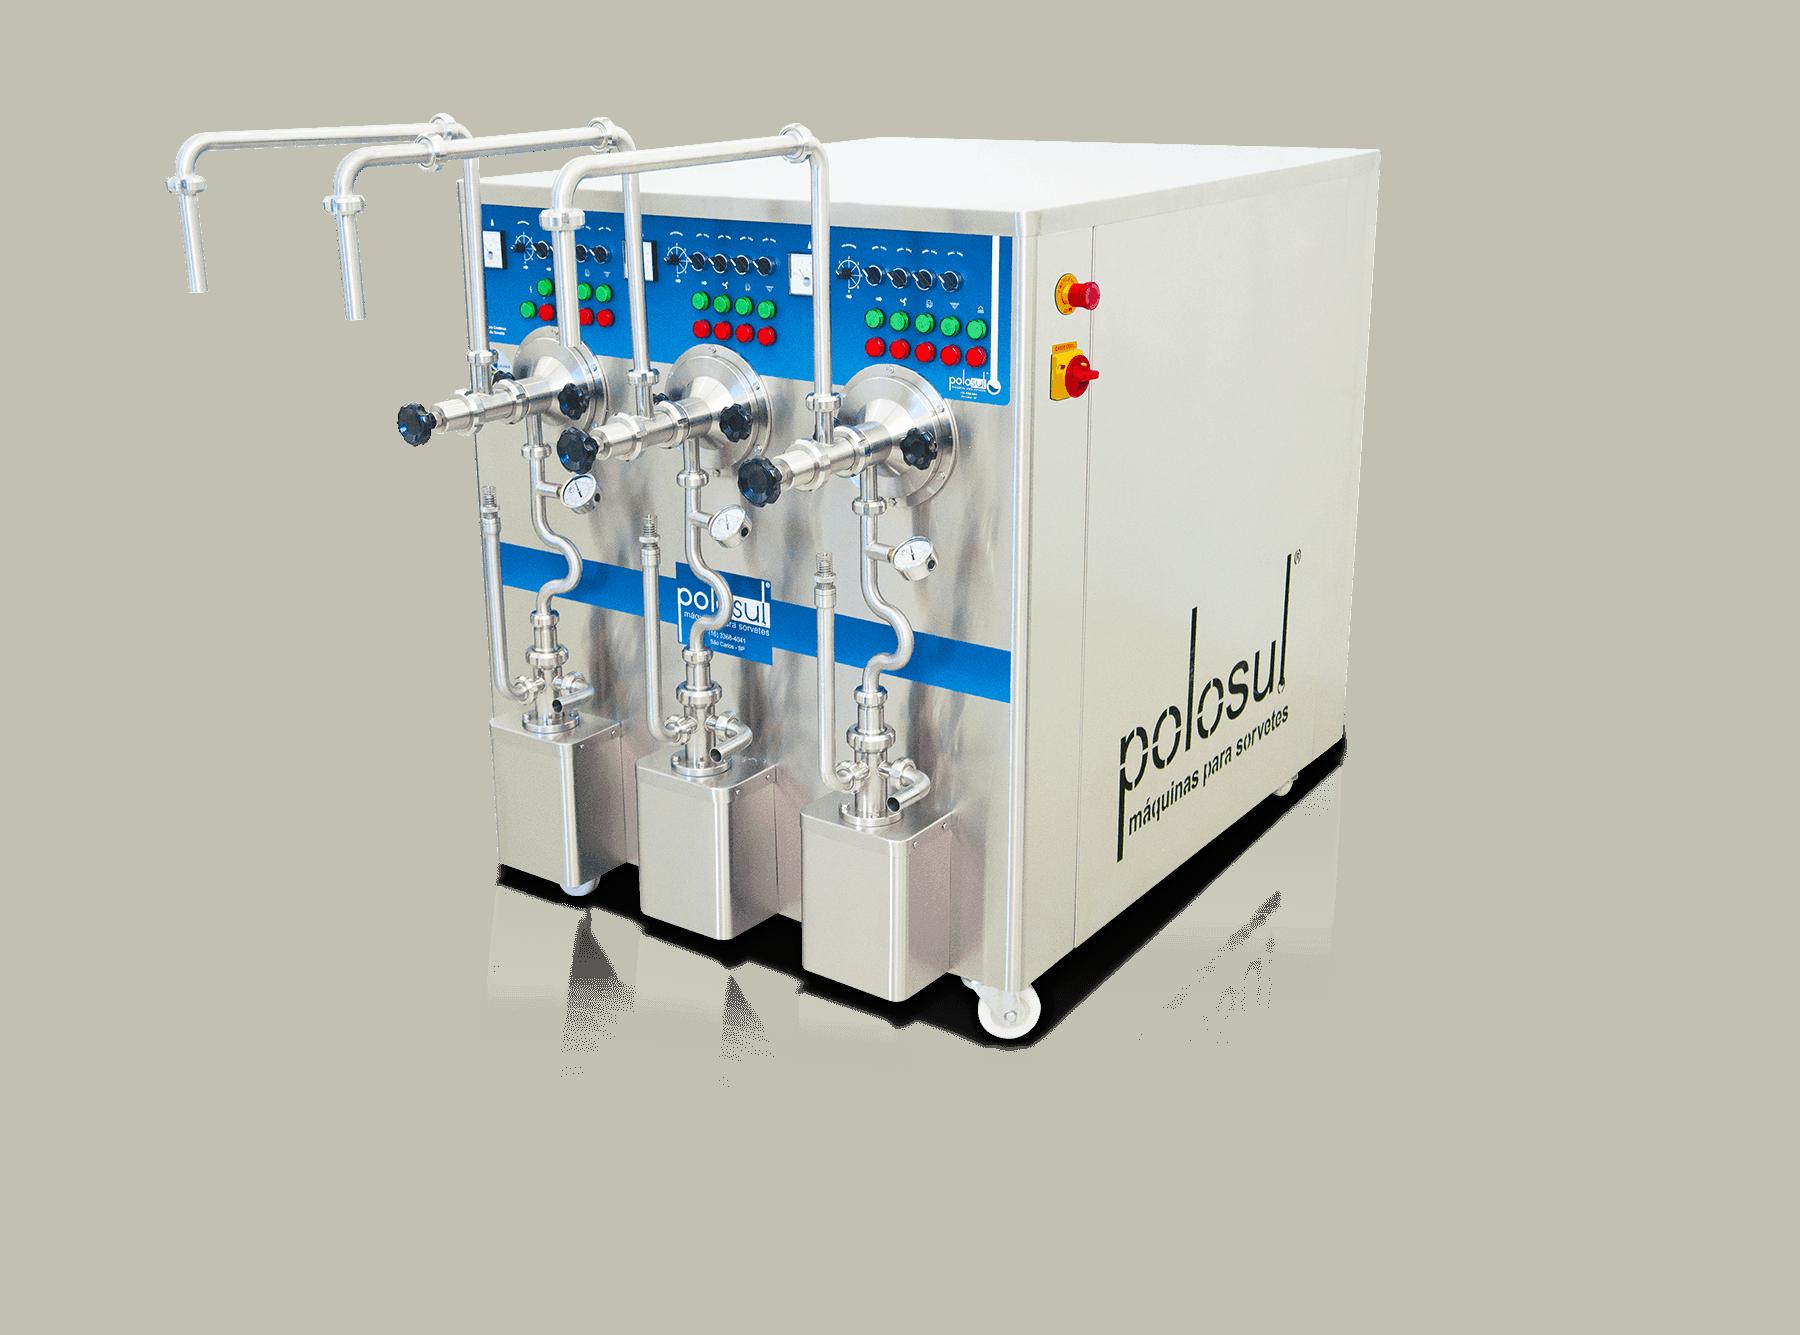 Produtora Contínua de Sorvete e Açaí da Polo Sul Máquinas Para Sorvete, Açaí e Picolé